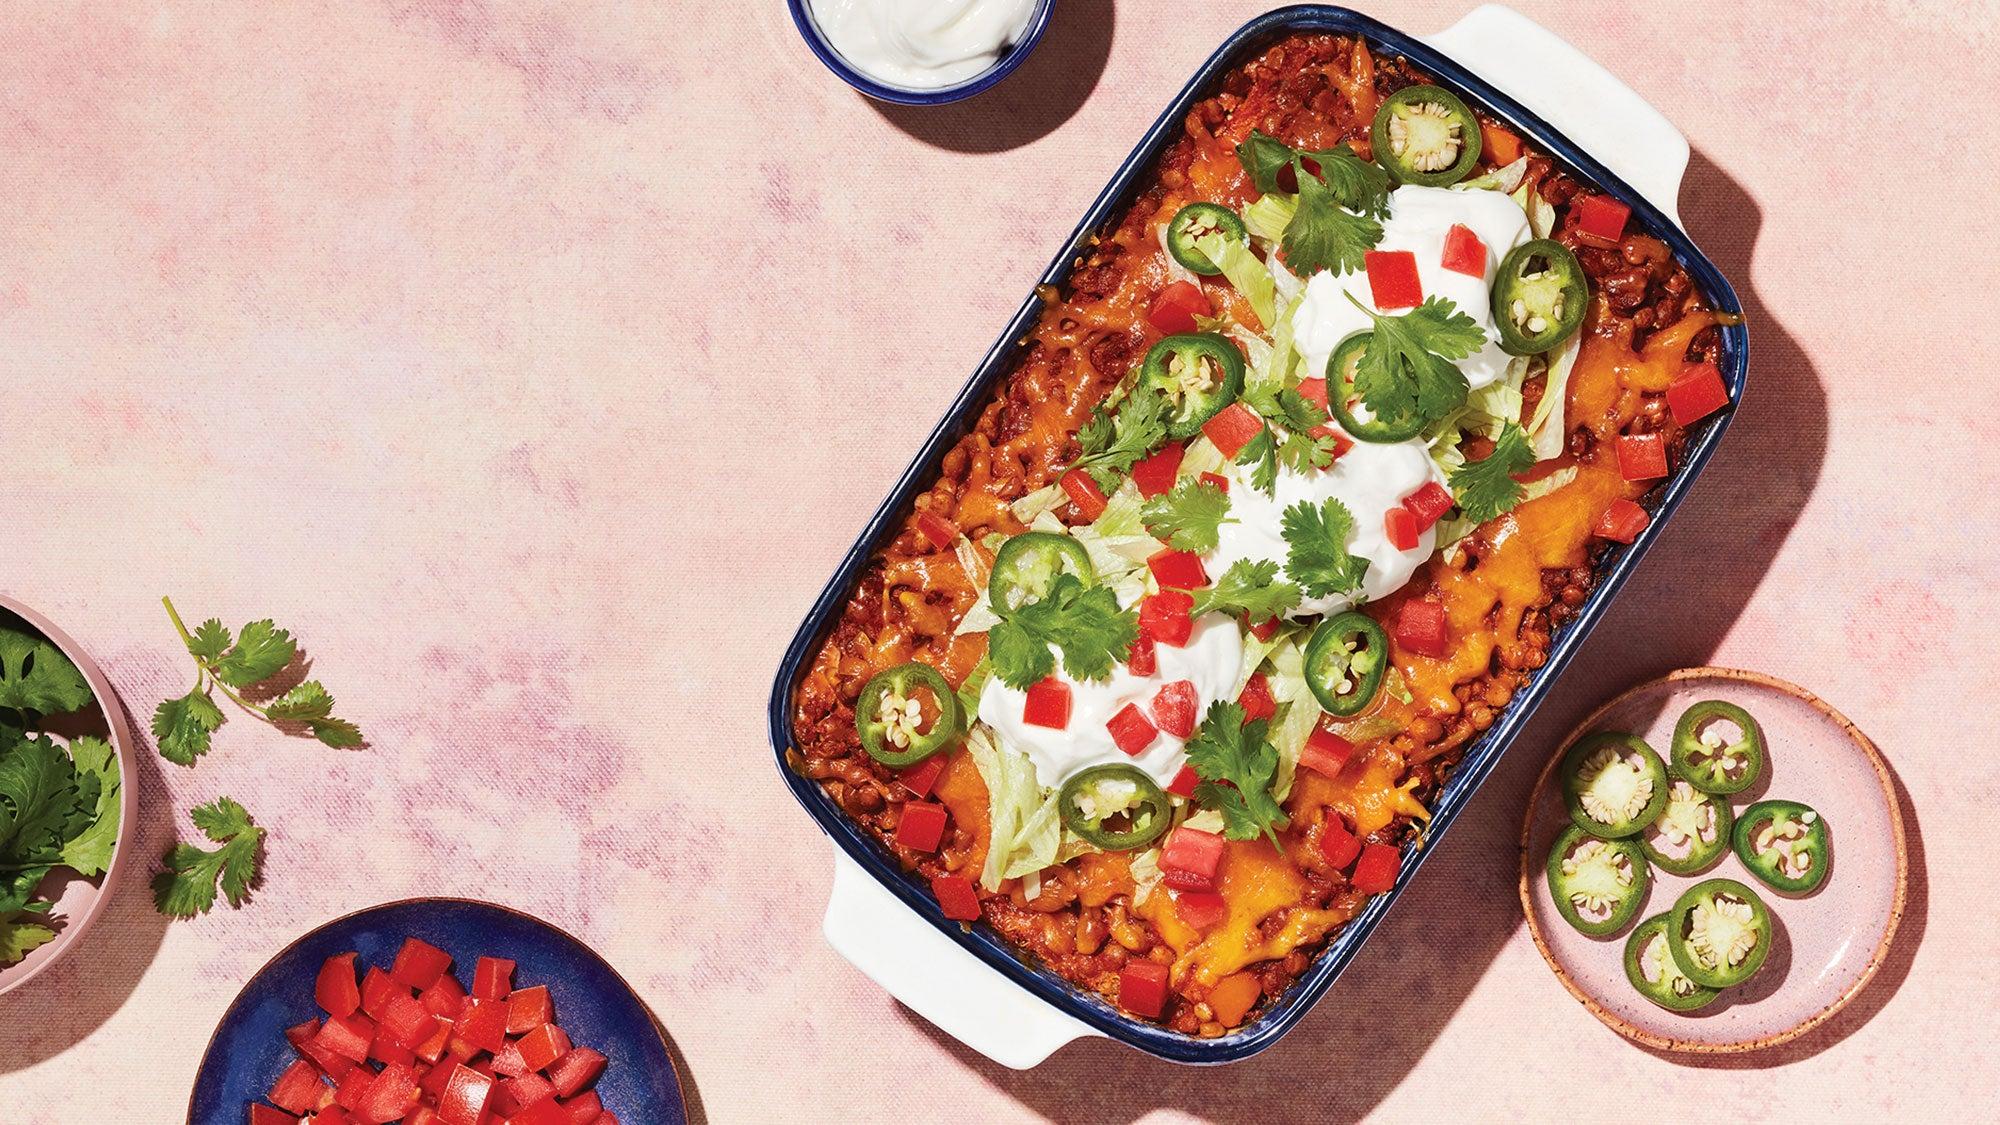 Lentil Quinoa Taco Pie recipe